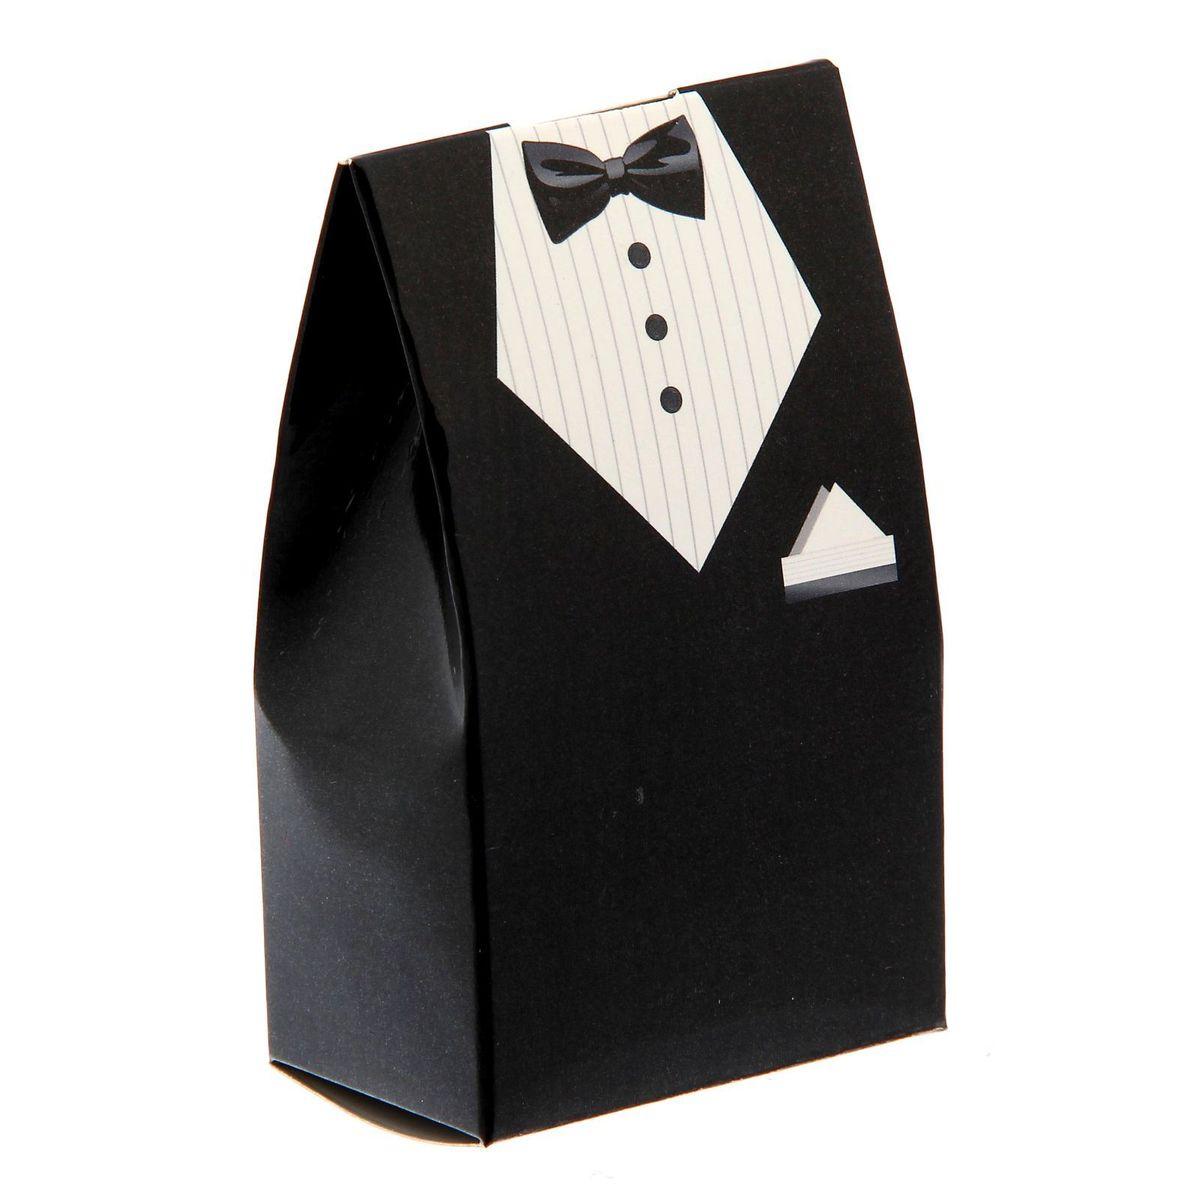 Бонбоньерка свадебная Sima-land Костюм жениха, цвет: мульти, 5,8 x 0,1 x 10 см1284916Новая разработка — бонбоньерки из картона! Такие аксессуары пользуются большой популярностью при оформлении свадебных столов: в них кладут угощение и комплименты для гостей. Бонбоньерки легко складываются. При разработке дизайна учтены самые последние модные тенденции, чтобы вы подобрали бонбоньерки под любое стилевое оформление.